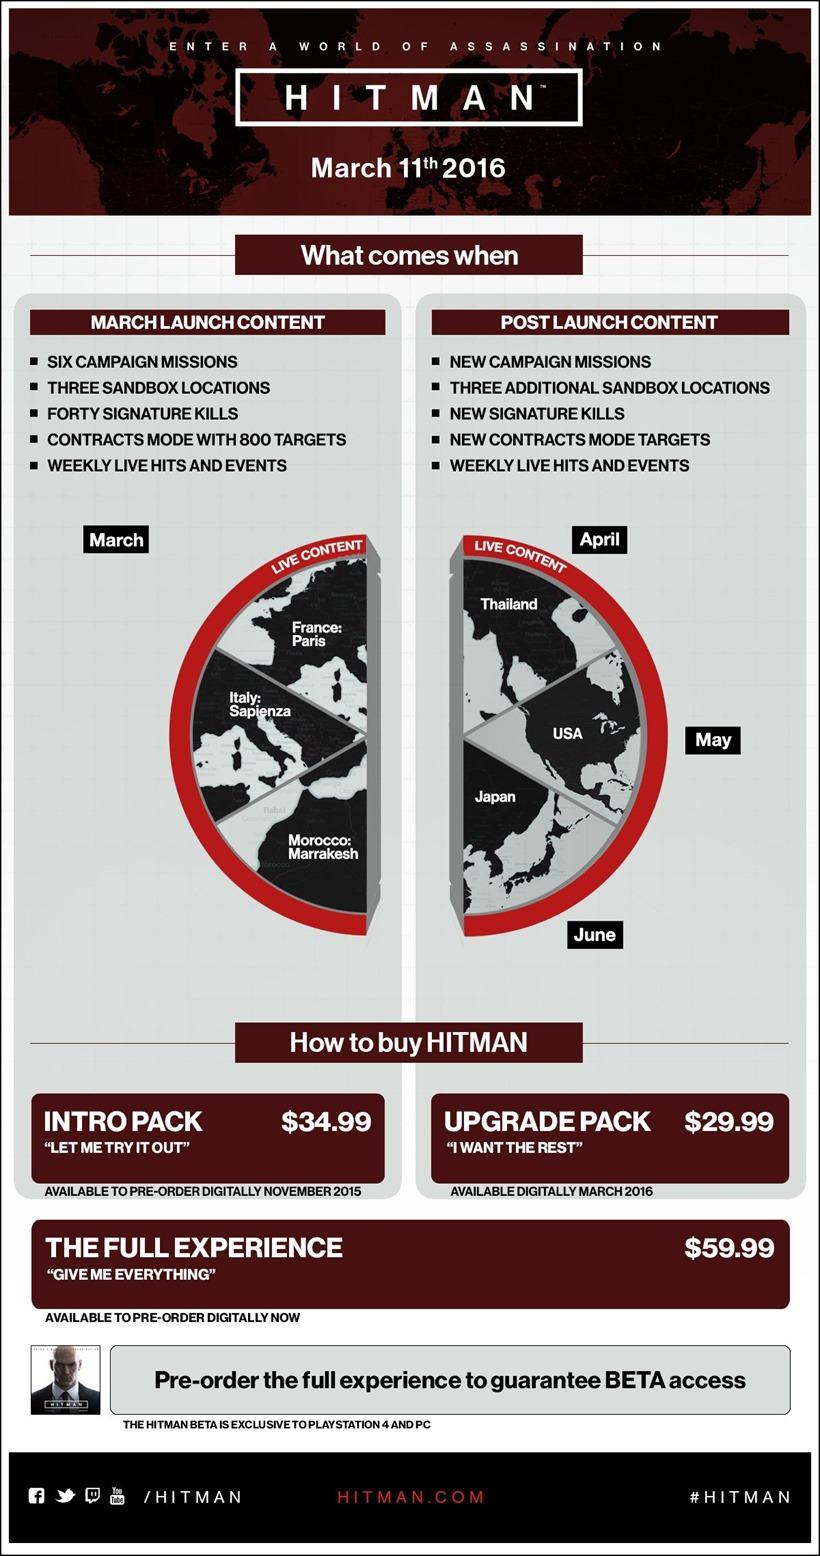 Hitman launch info